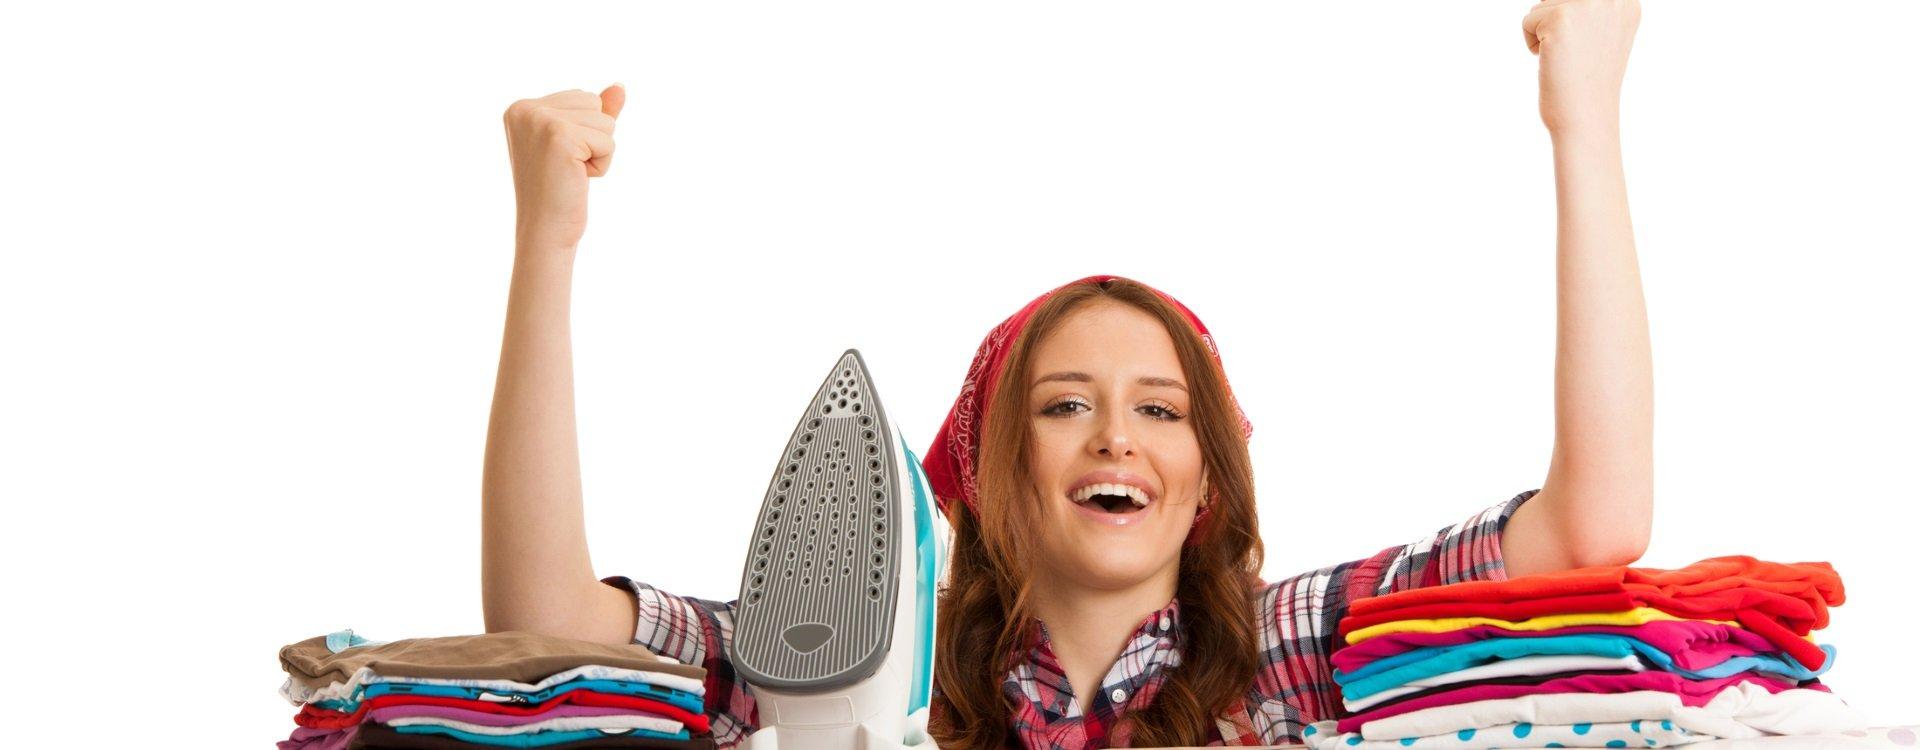 Bügeln kann auch Spaß machen